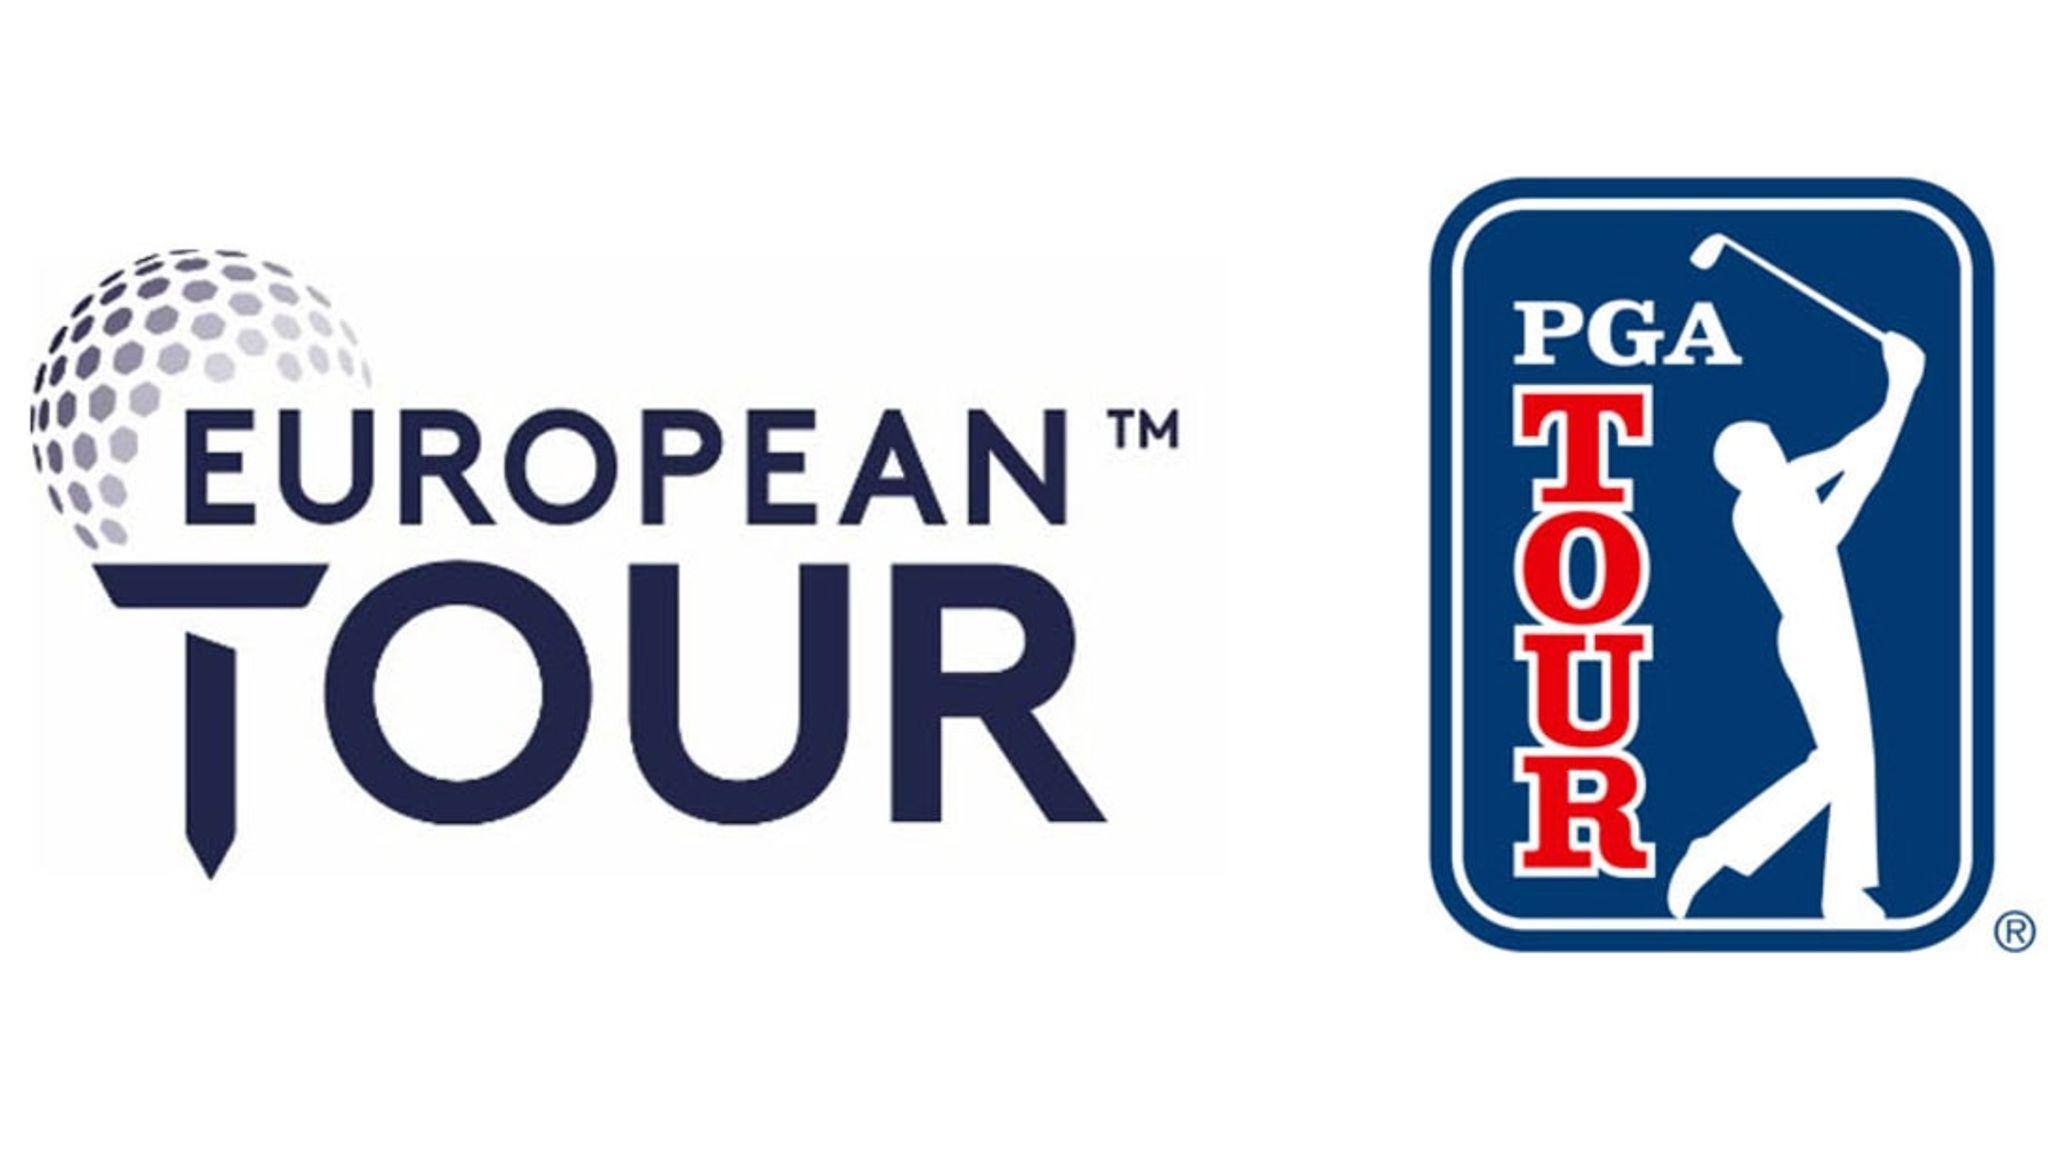 European Tour And PGA Tour Form